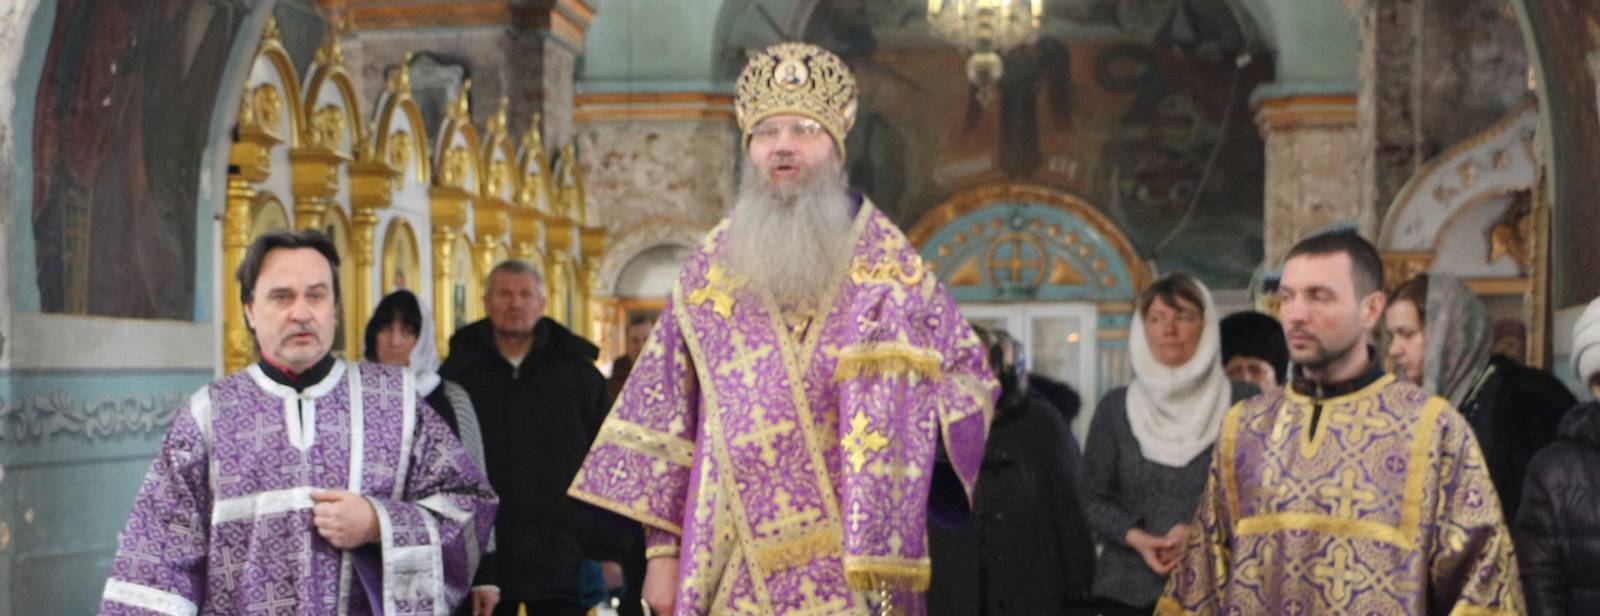 Суббота 1-й седмицы Великого поста, свт. Тихона, патриарха Московского и всея России.